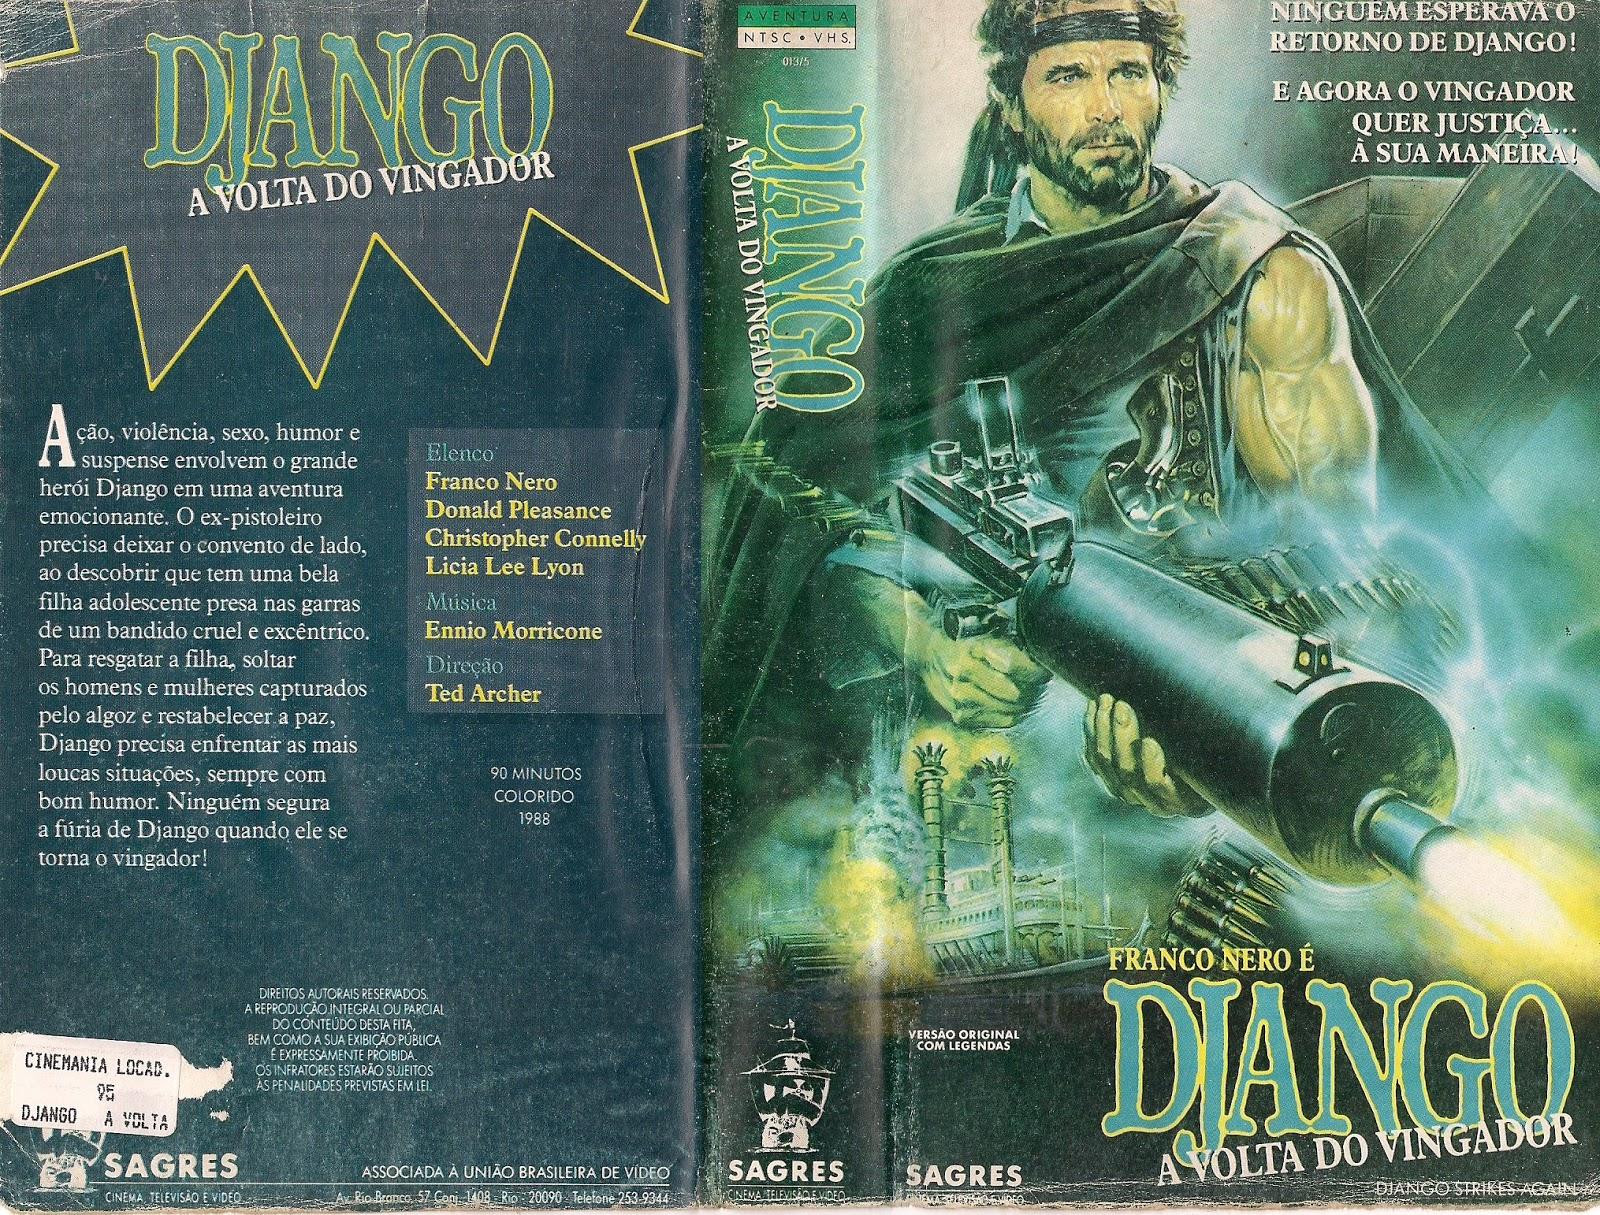 filmes para doidos django a volta do vingador 1987